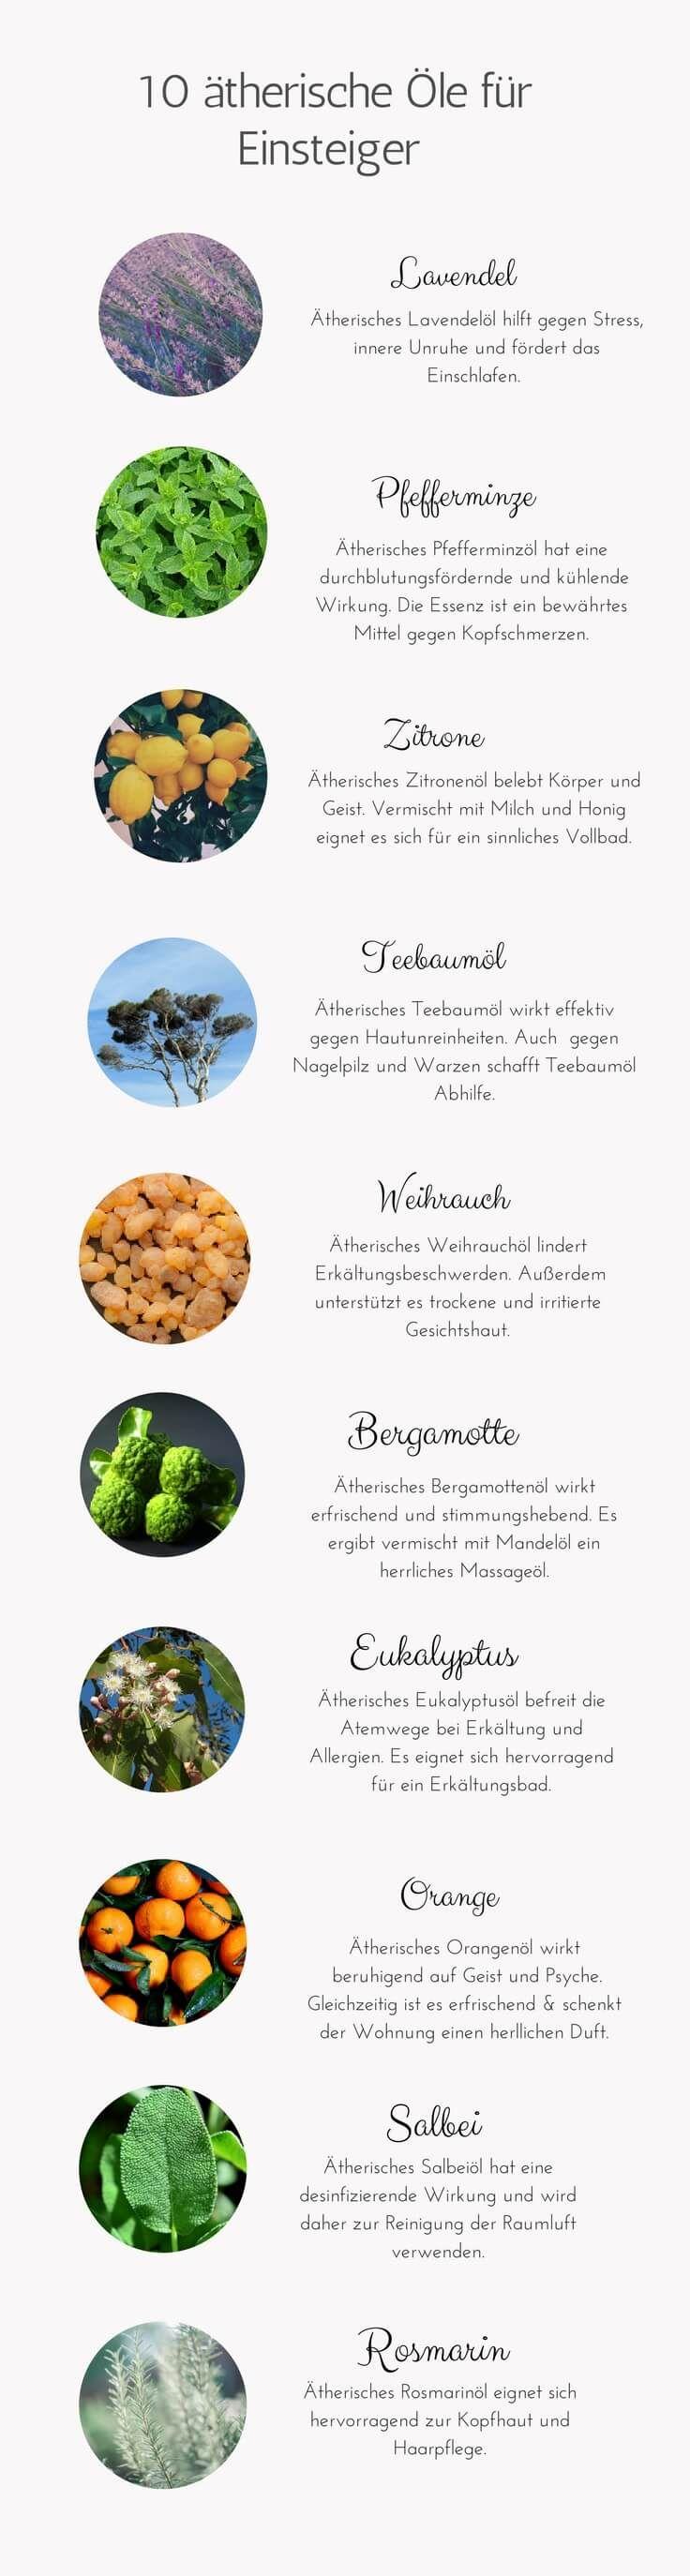 Ätherische Öle besitzen die geballten Kräfte verschiedener Pflanzen. 10 ätherische Öle für Einsteiger zeigt die wichtigsten ätherische Öle für den Beginn.  http://hanfsamenkaufenlegal.com